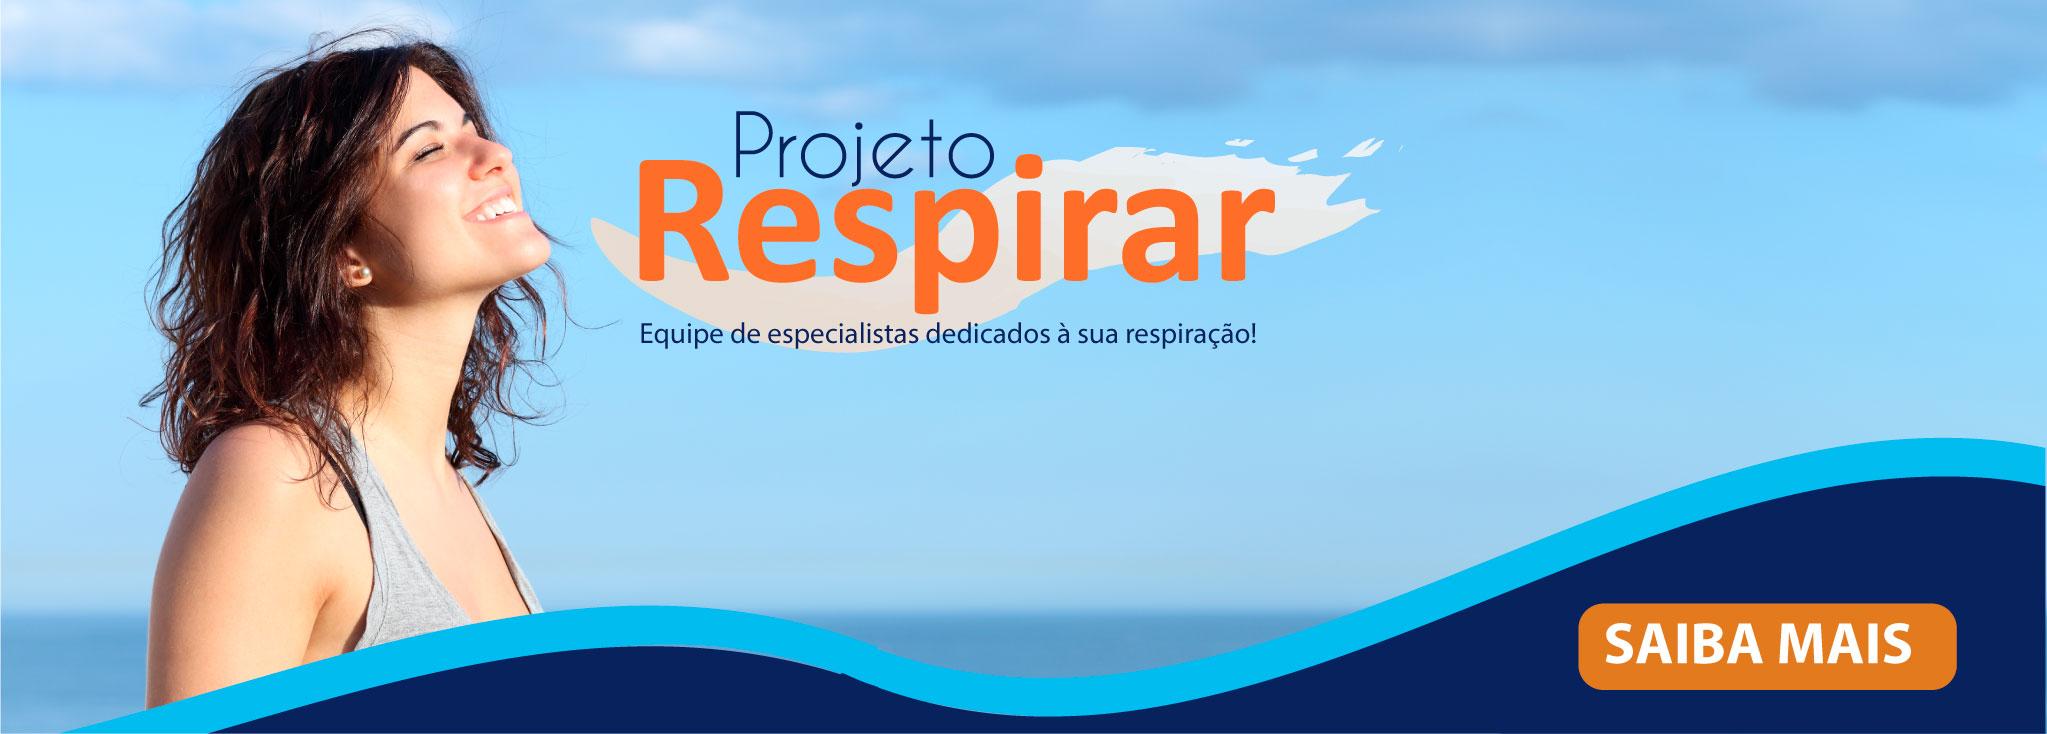 Respirar site - Clínica Pró-Saúde - Especialidades Médicas e Vacinação